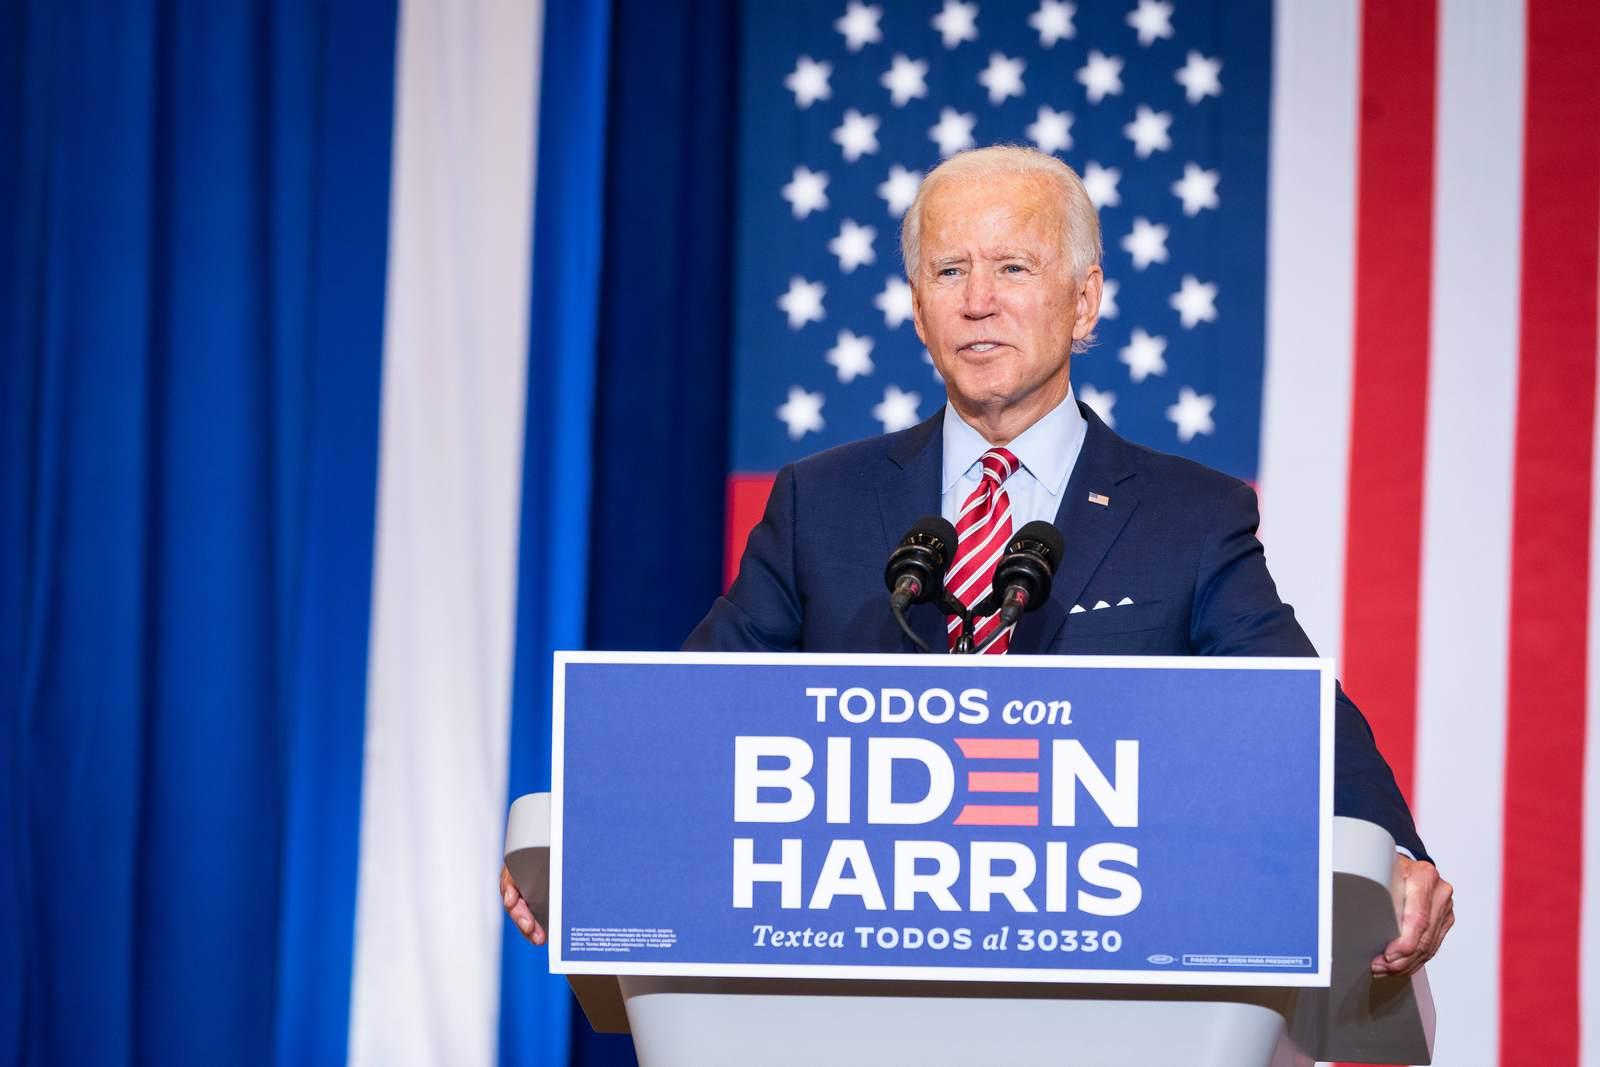 Joe Biden bei einer Wahlkampfveranstaltung. Jetzt auf den nächsten US Präsidenten wetten